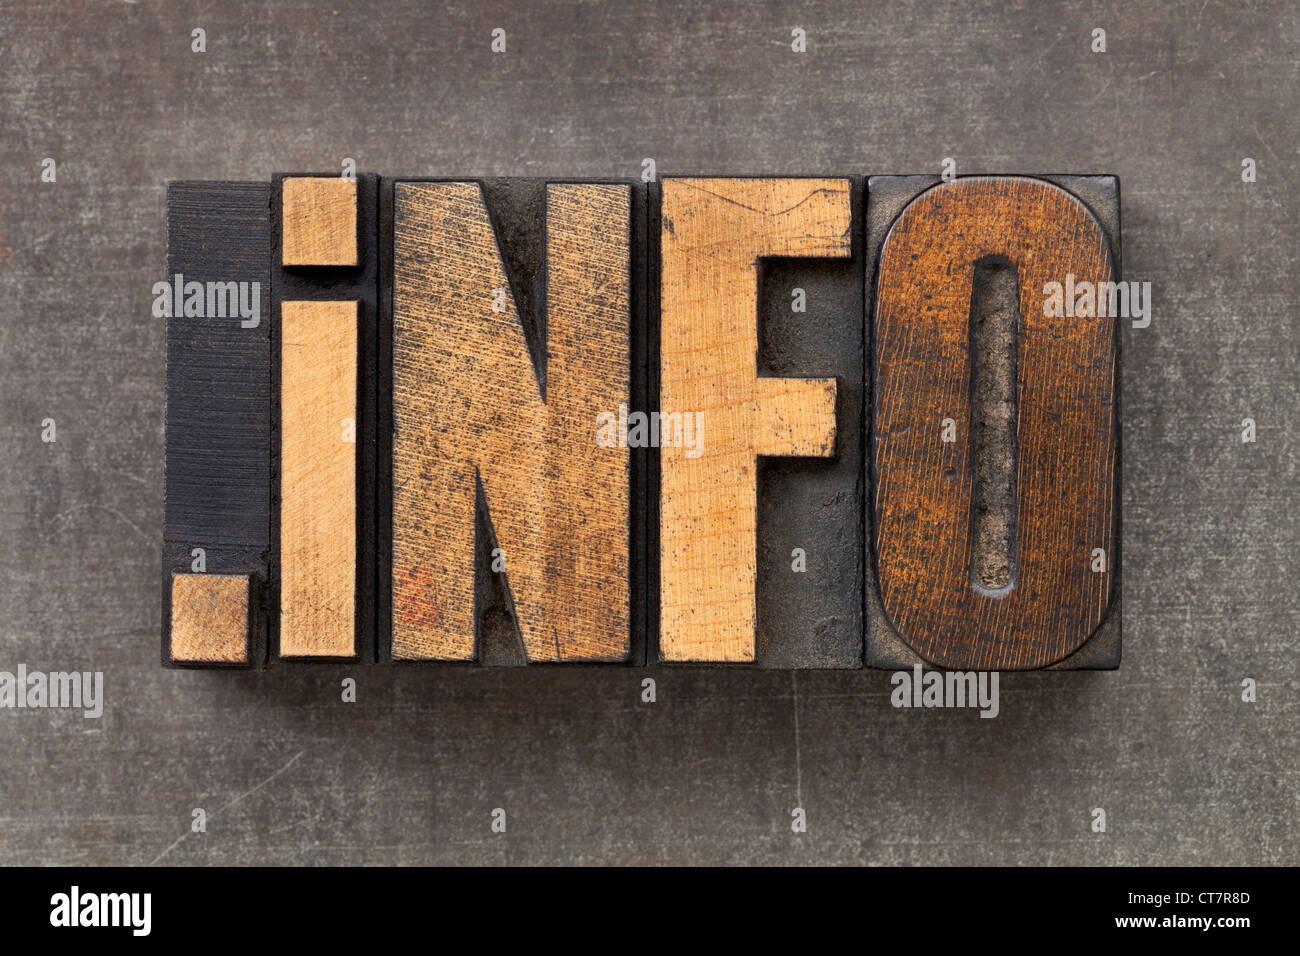 Dot info - el dominio de internet de recursos de información en bloques de madera vintage tipografía en Imagen De Stock